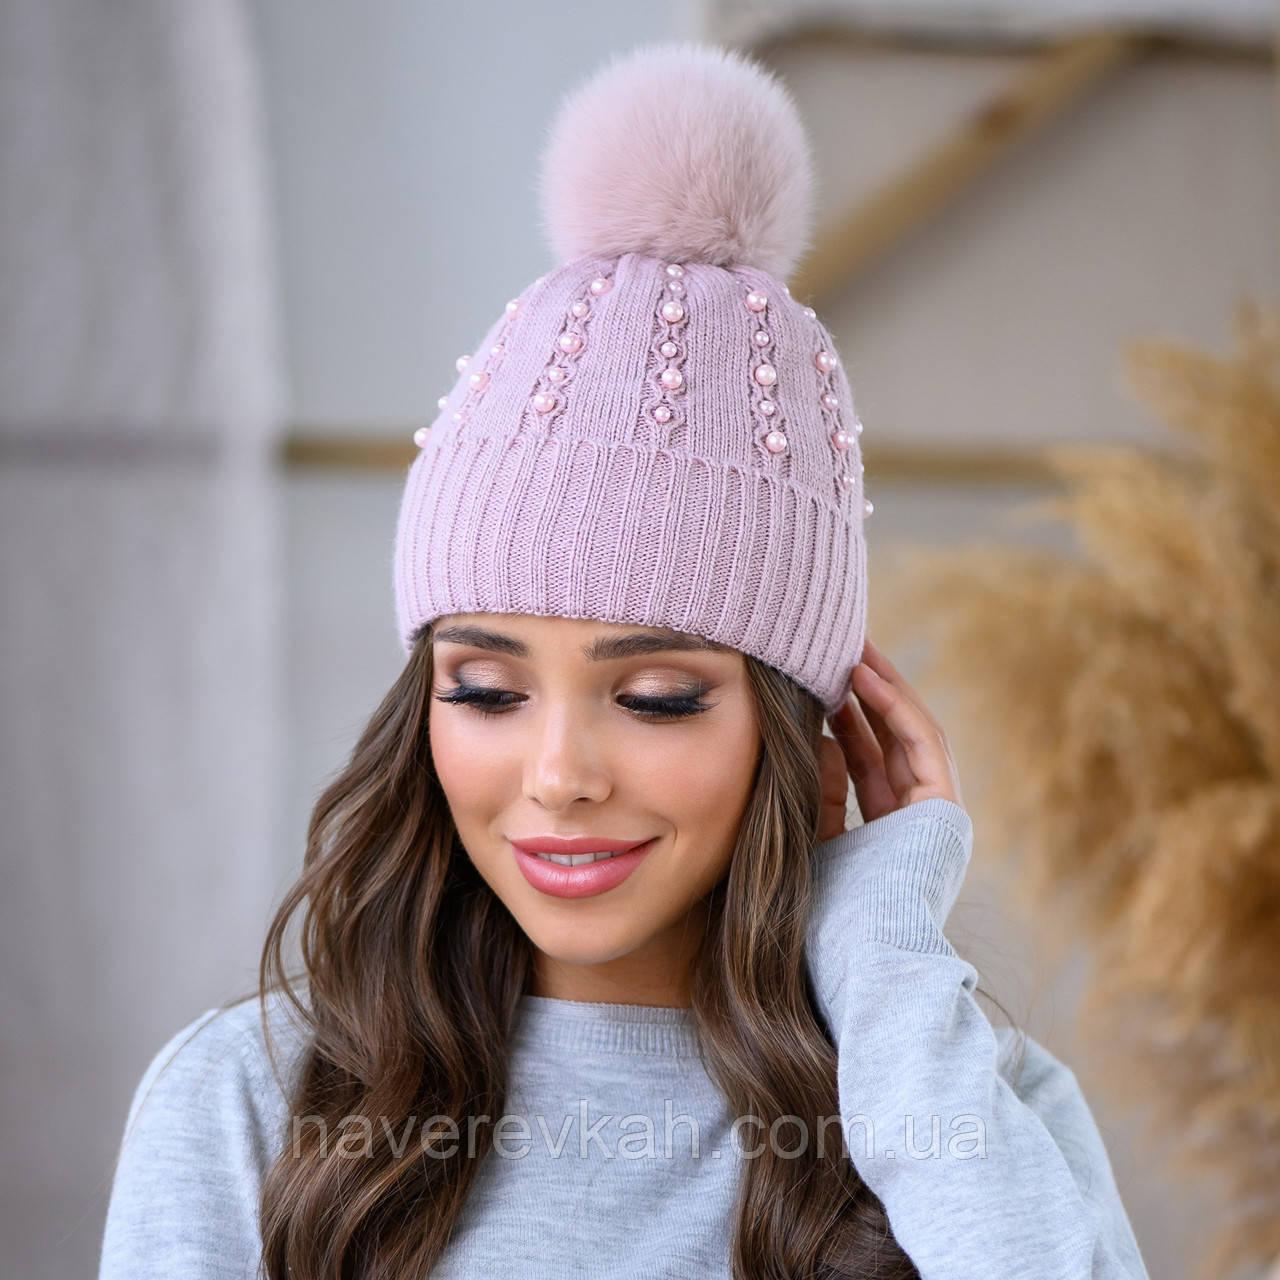 Женская зимняя теплая шапка с натуральным помпоном пряжа